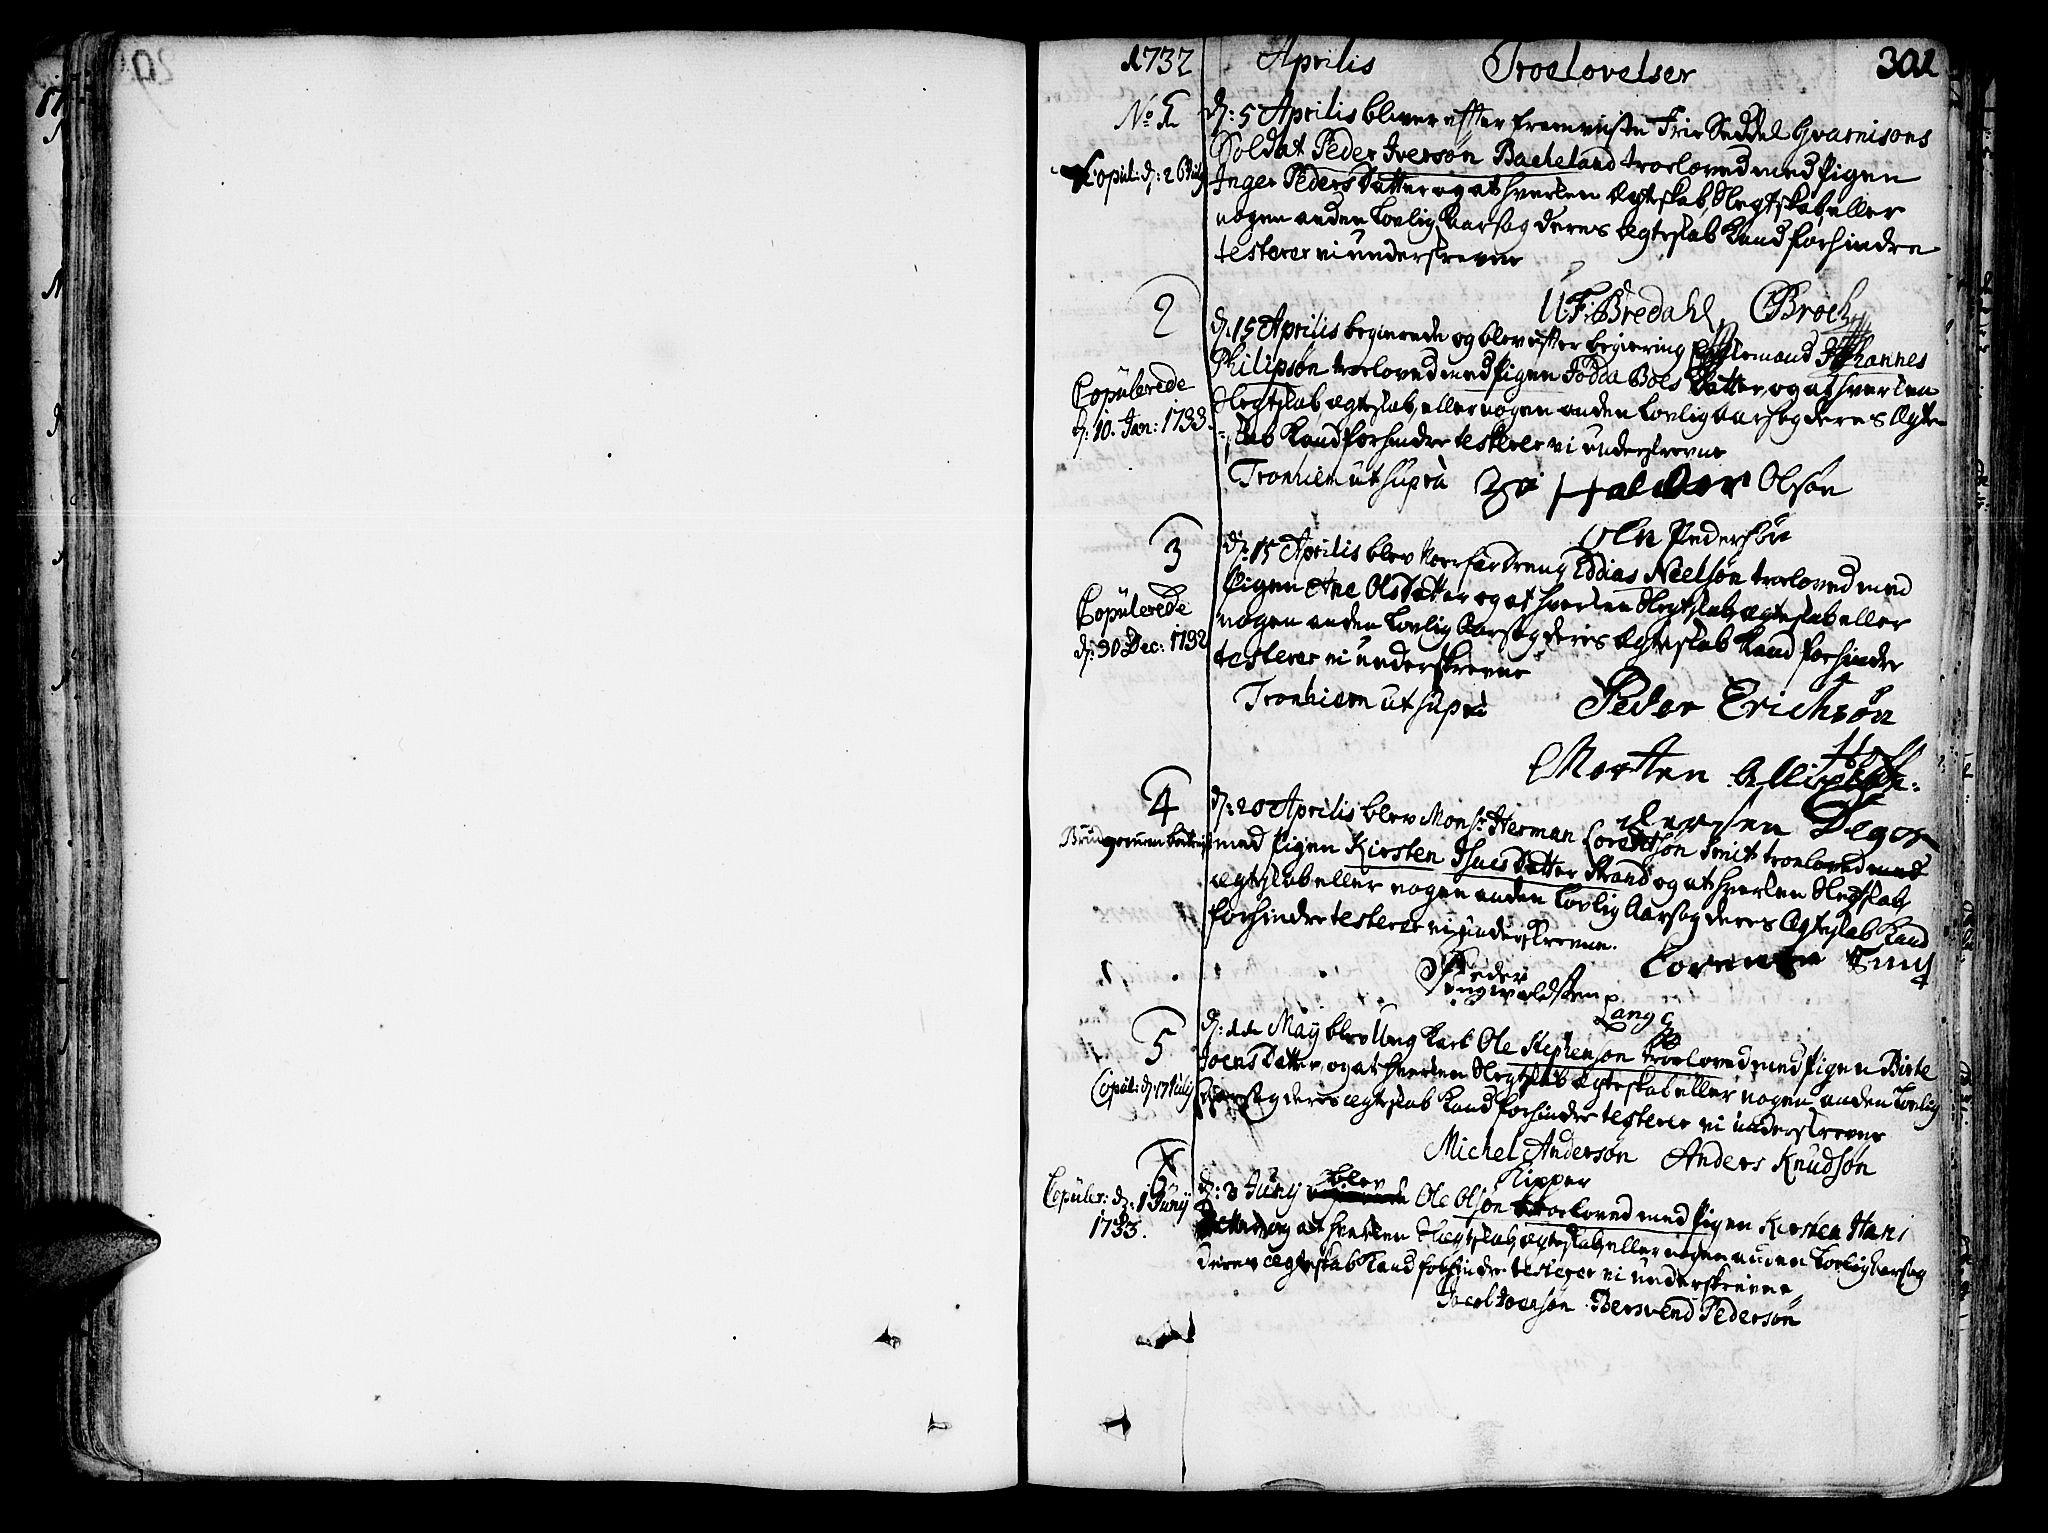 SAT, Ministerialprotokoller, klokkerbøker og fødselsregistre - Sør-Trøndelag, 602/L0103: Ministerialbok nr. 602A01, 1732-1774, s. 301